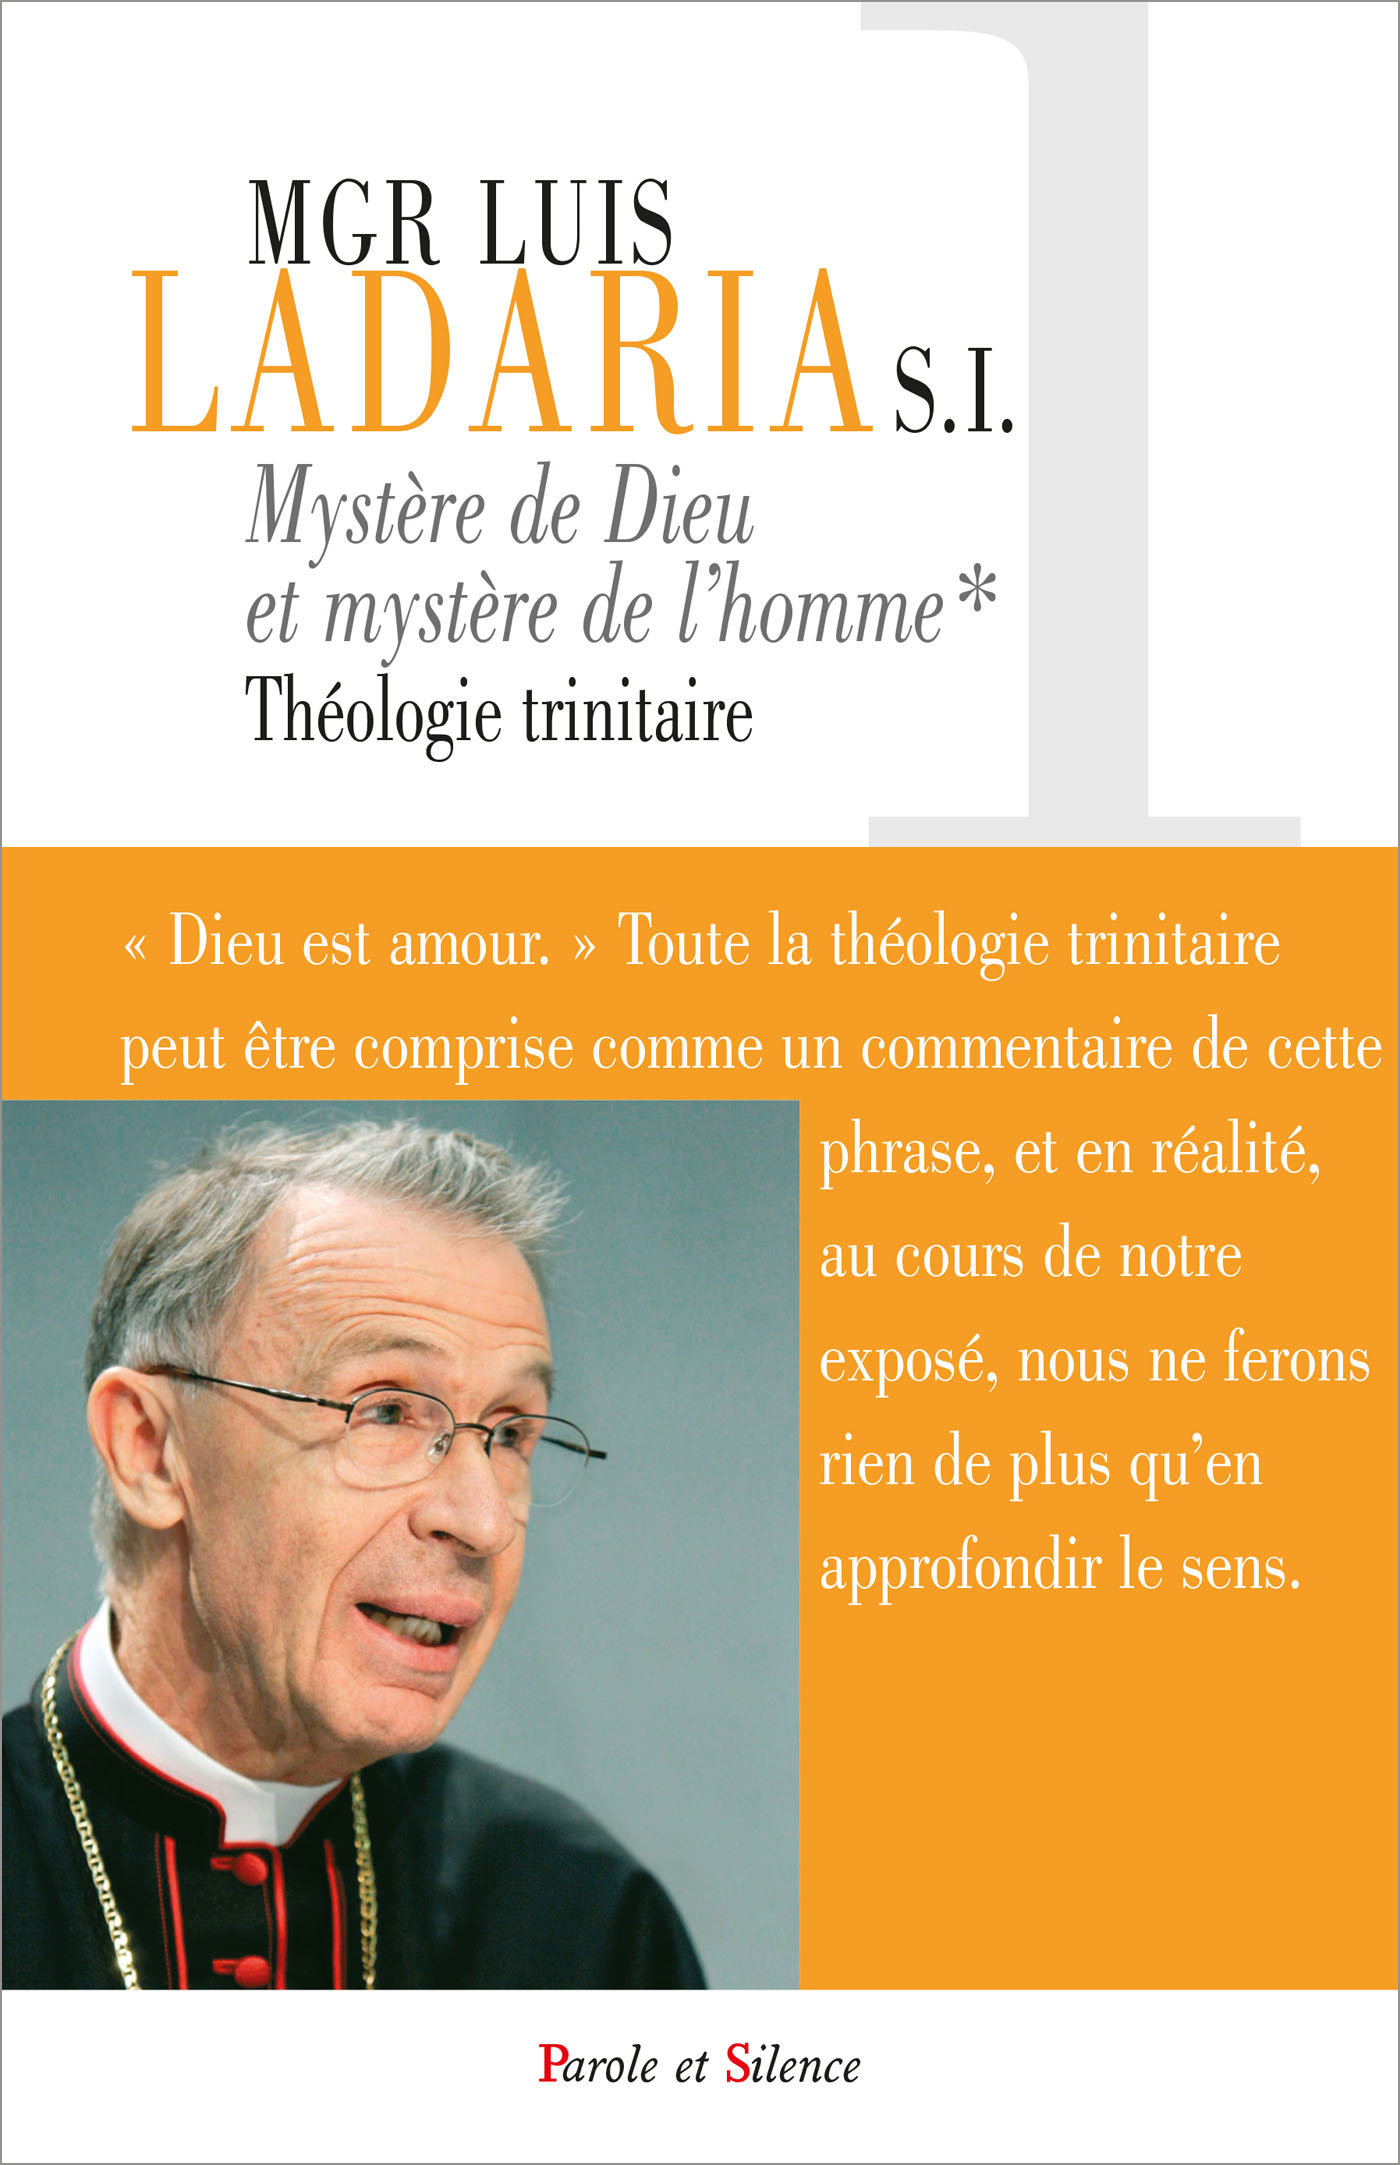 Mystère de Dieu, mystère de l'homme - Théologie trinitaire